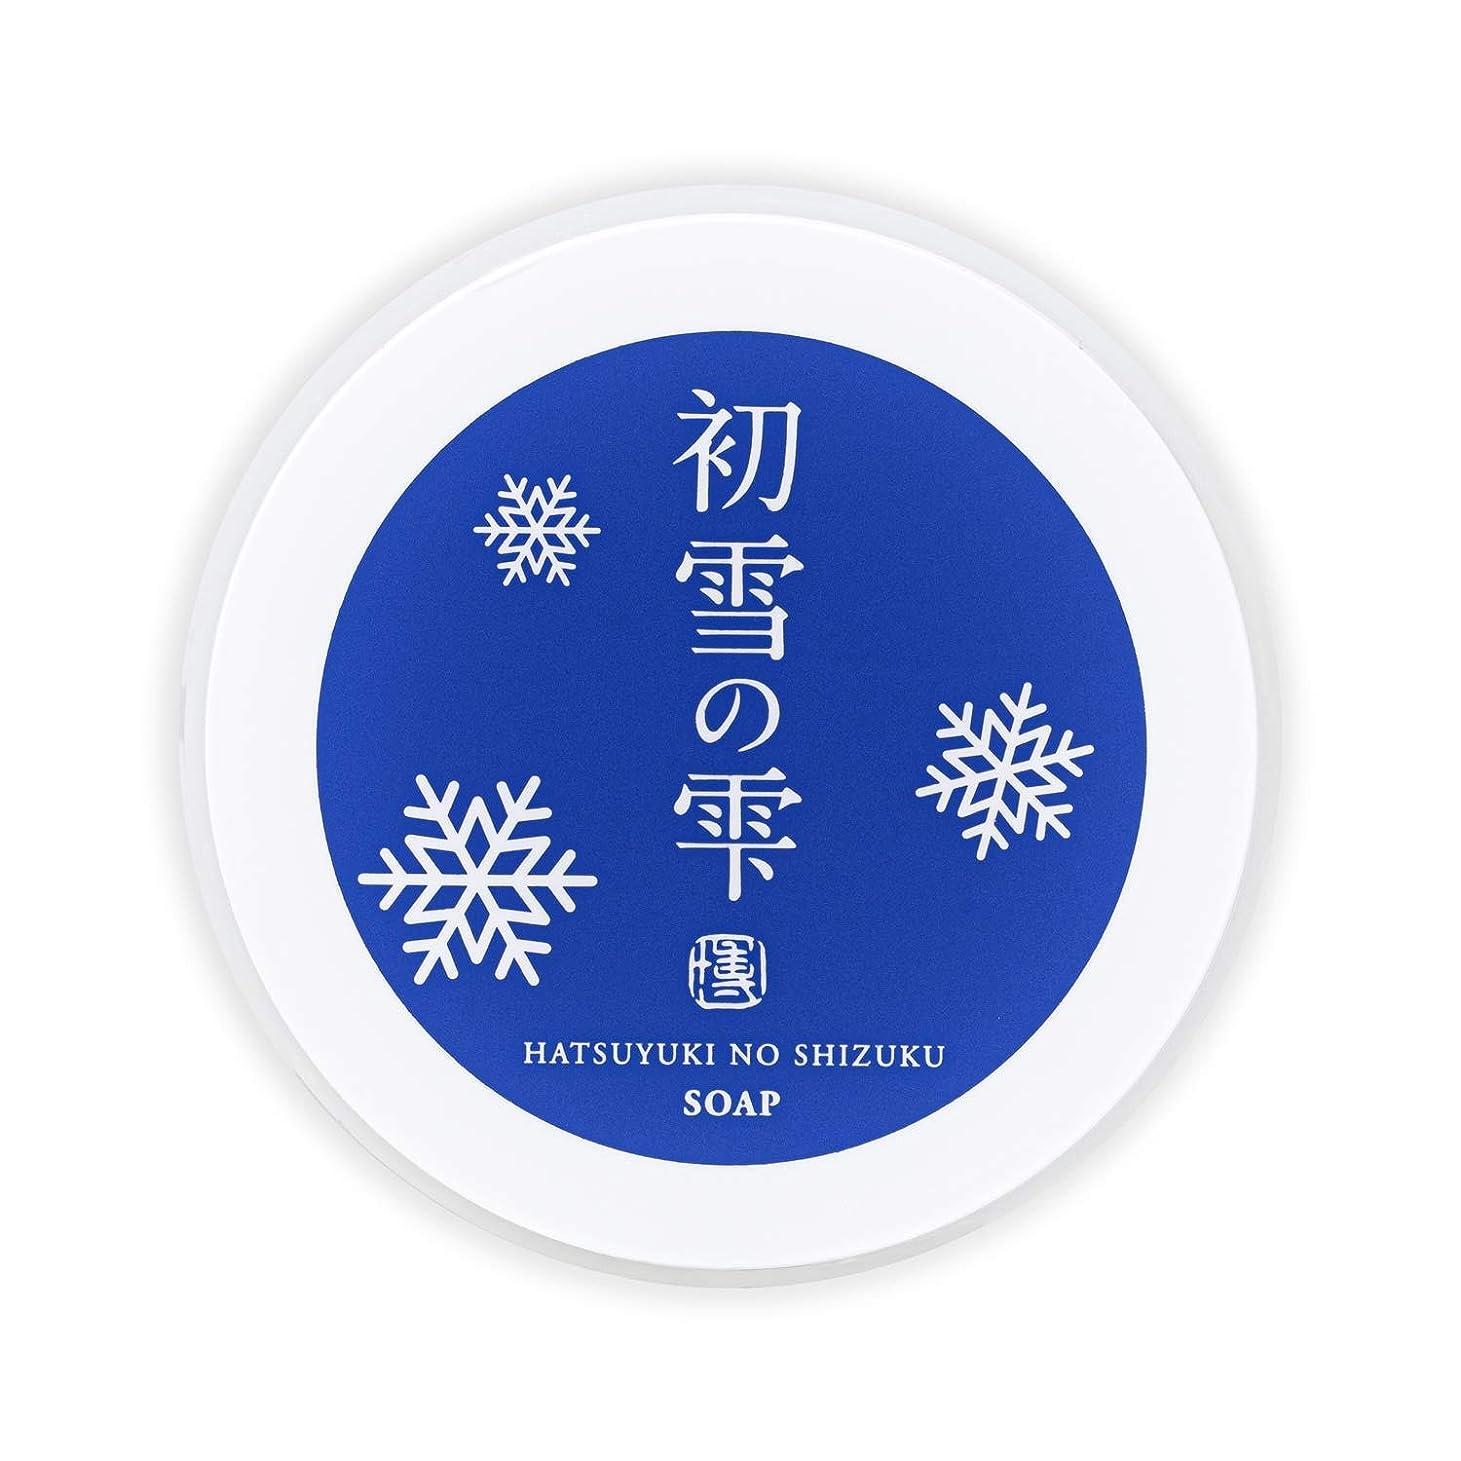 優遇ニックネーム銀初雪の雫 泡 洗顔 練り せっけん ジャータイプ 34g 約2週間分 [プラセンタ ヒアルロン酸 セラミド ビタミンC ]